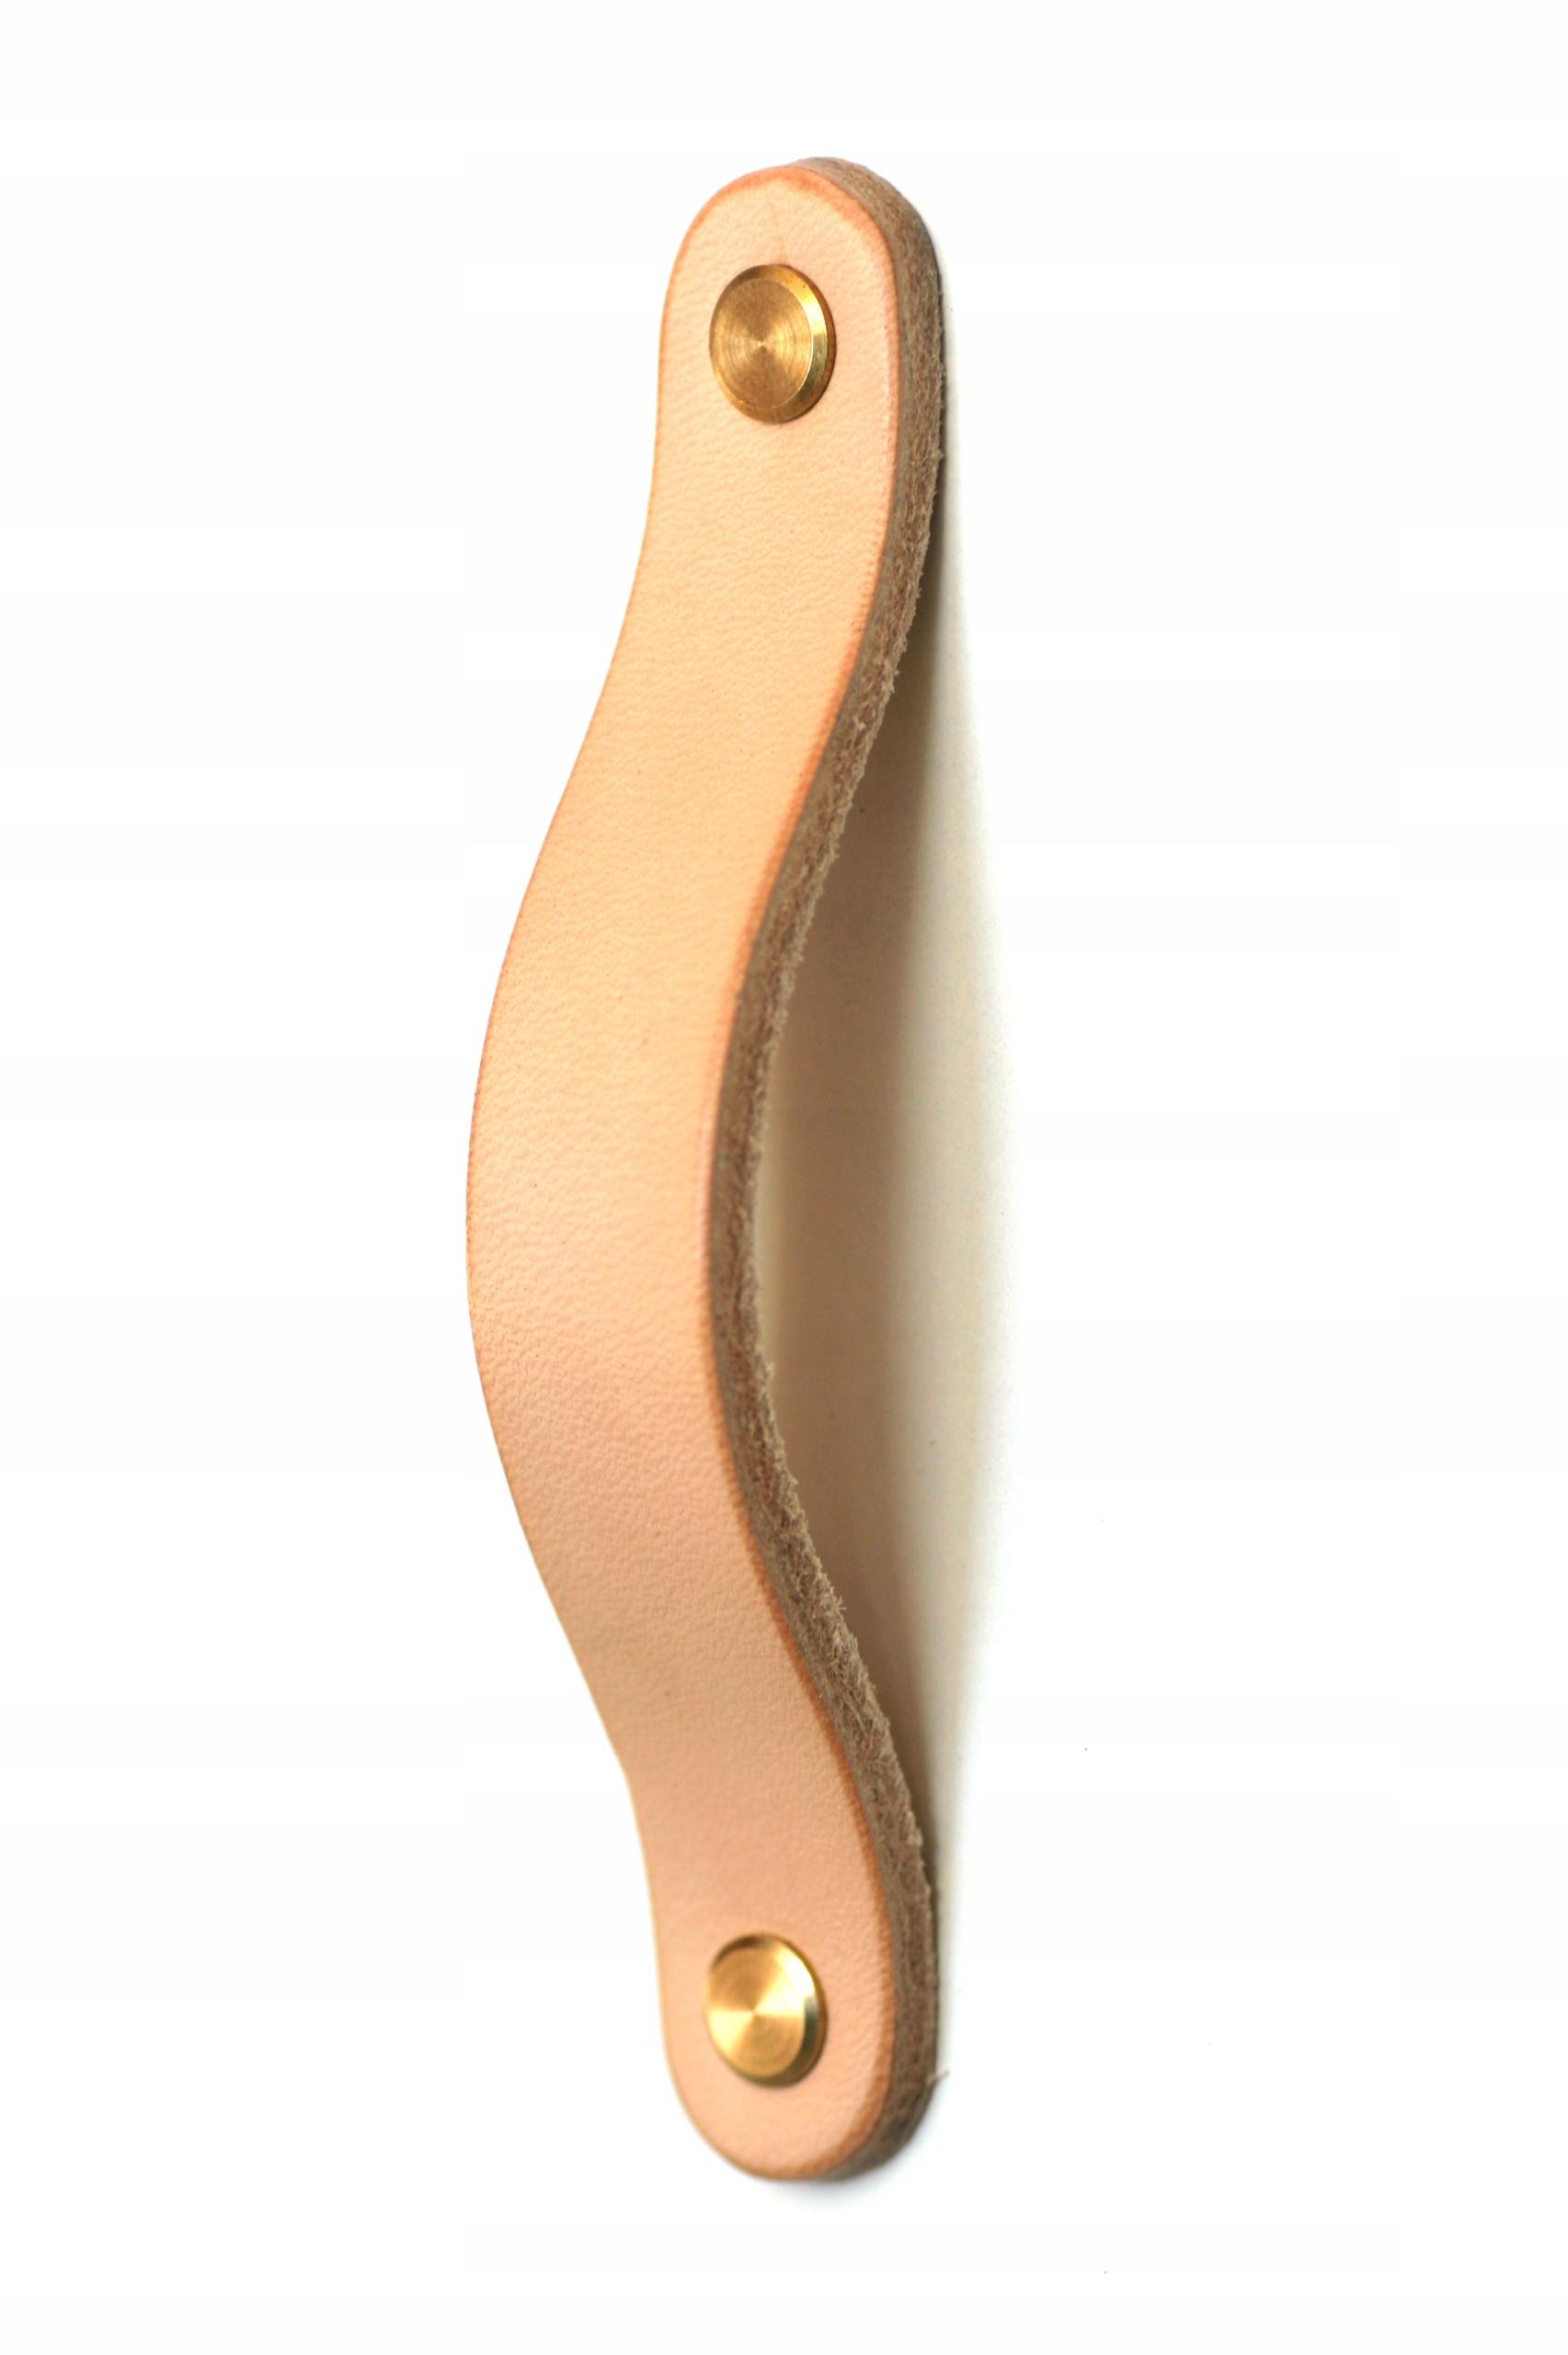 Ручка мебельная кожаная, для мебели, 158мм, ЦВЕТА!